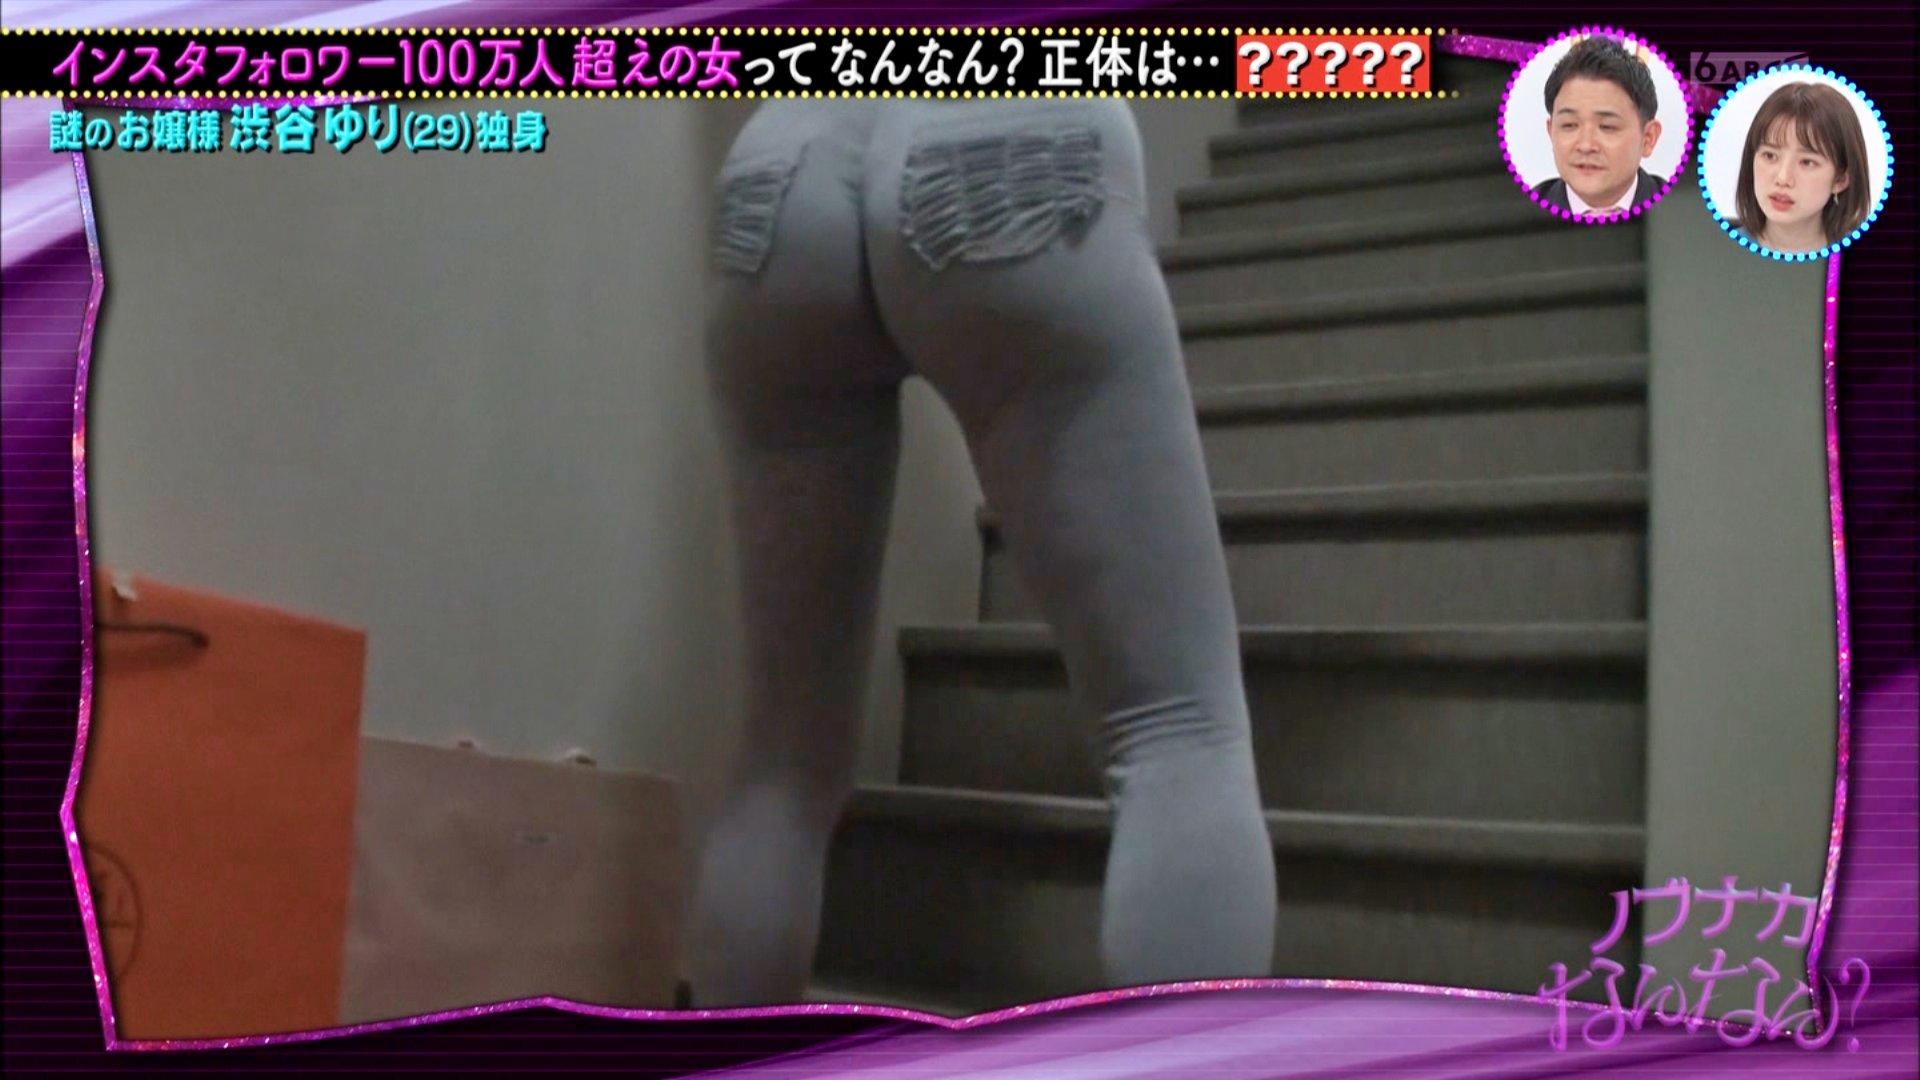 渋谷ゆり_インスタ美女_巨乳_巨尻_ノブナカなんなん?_03